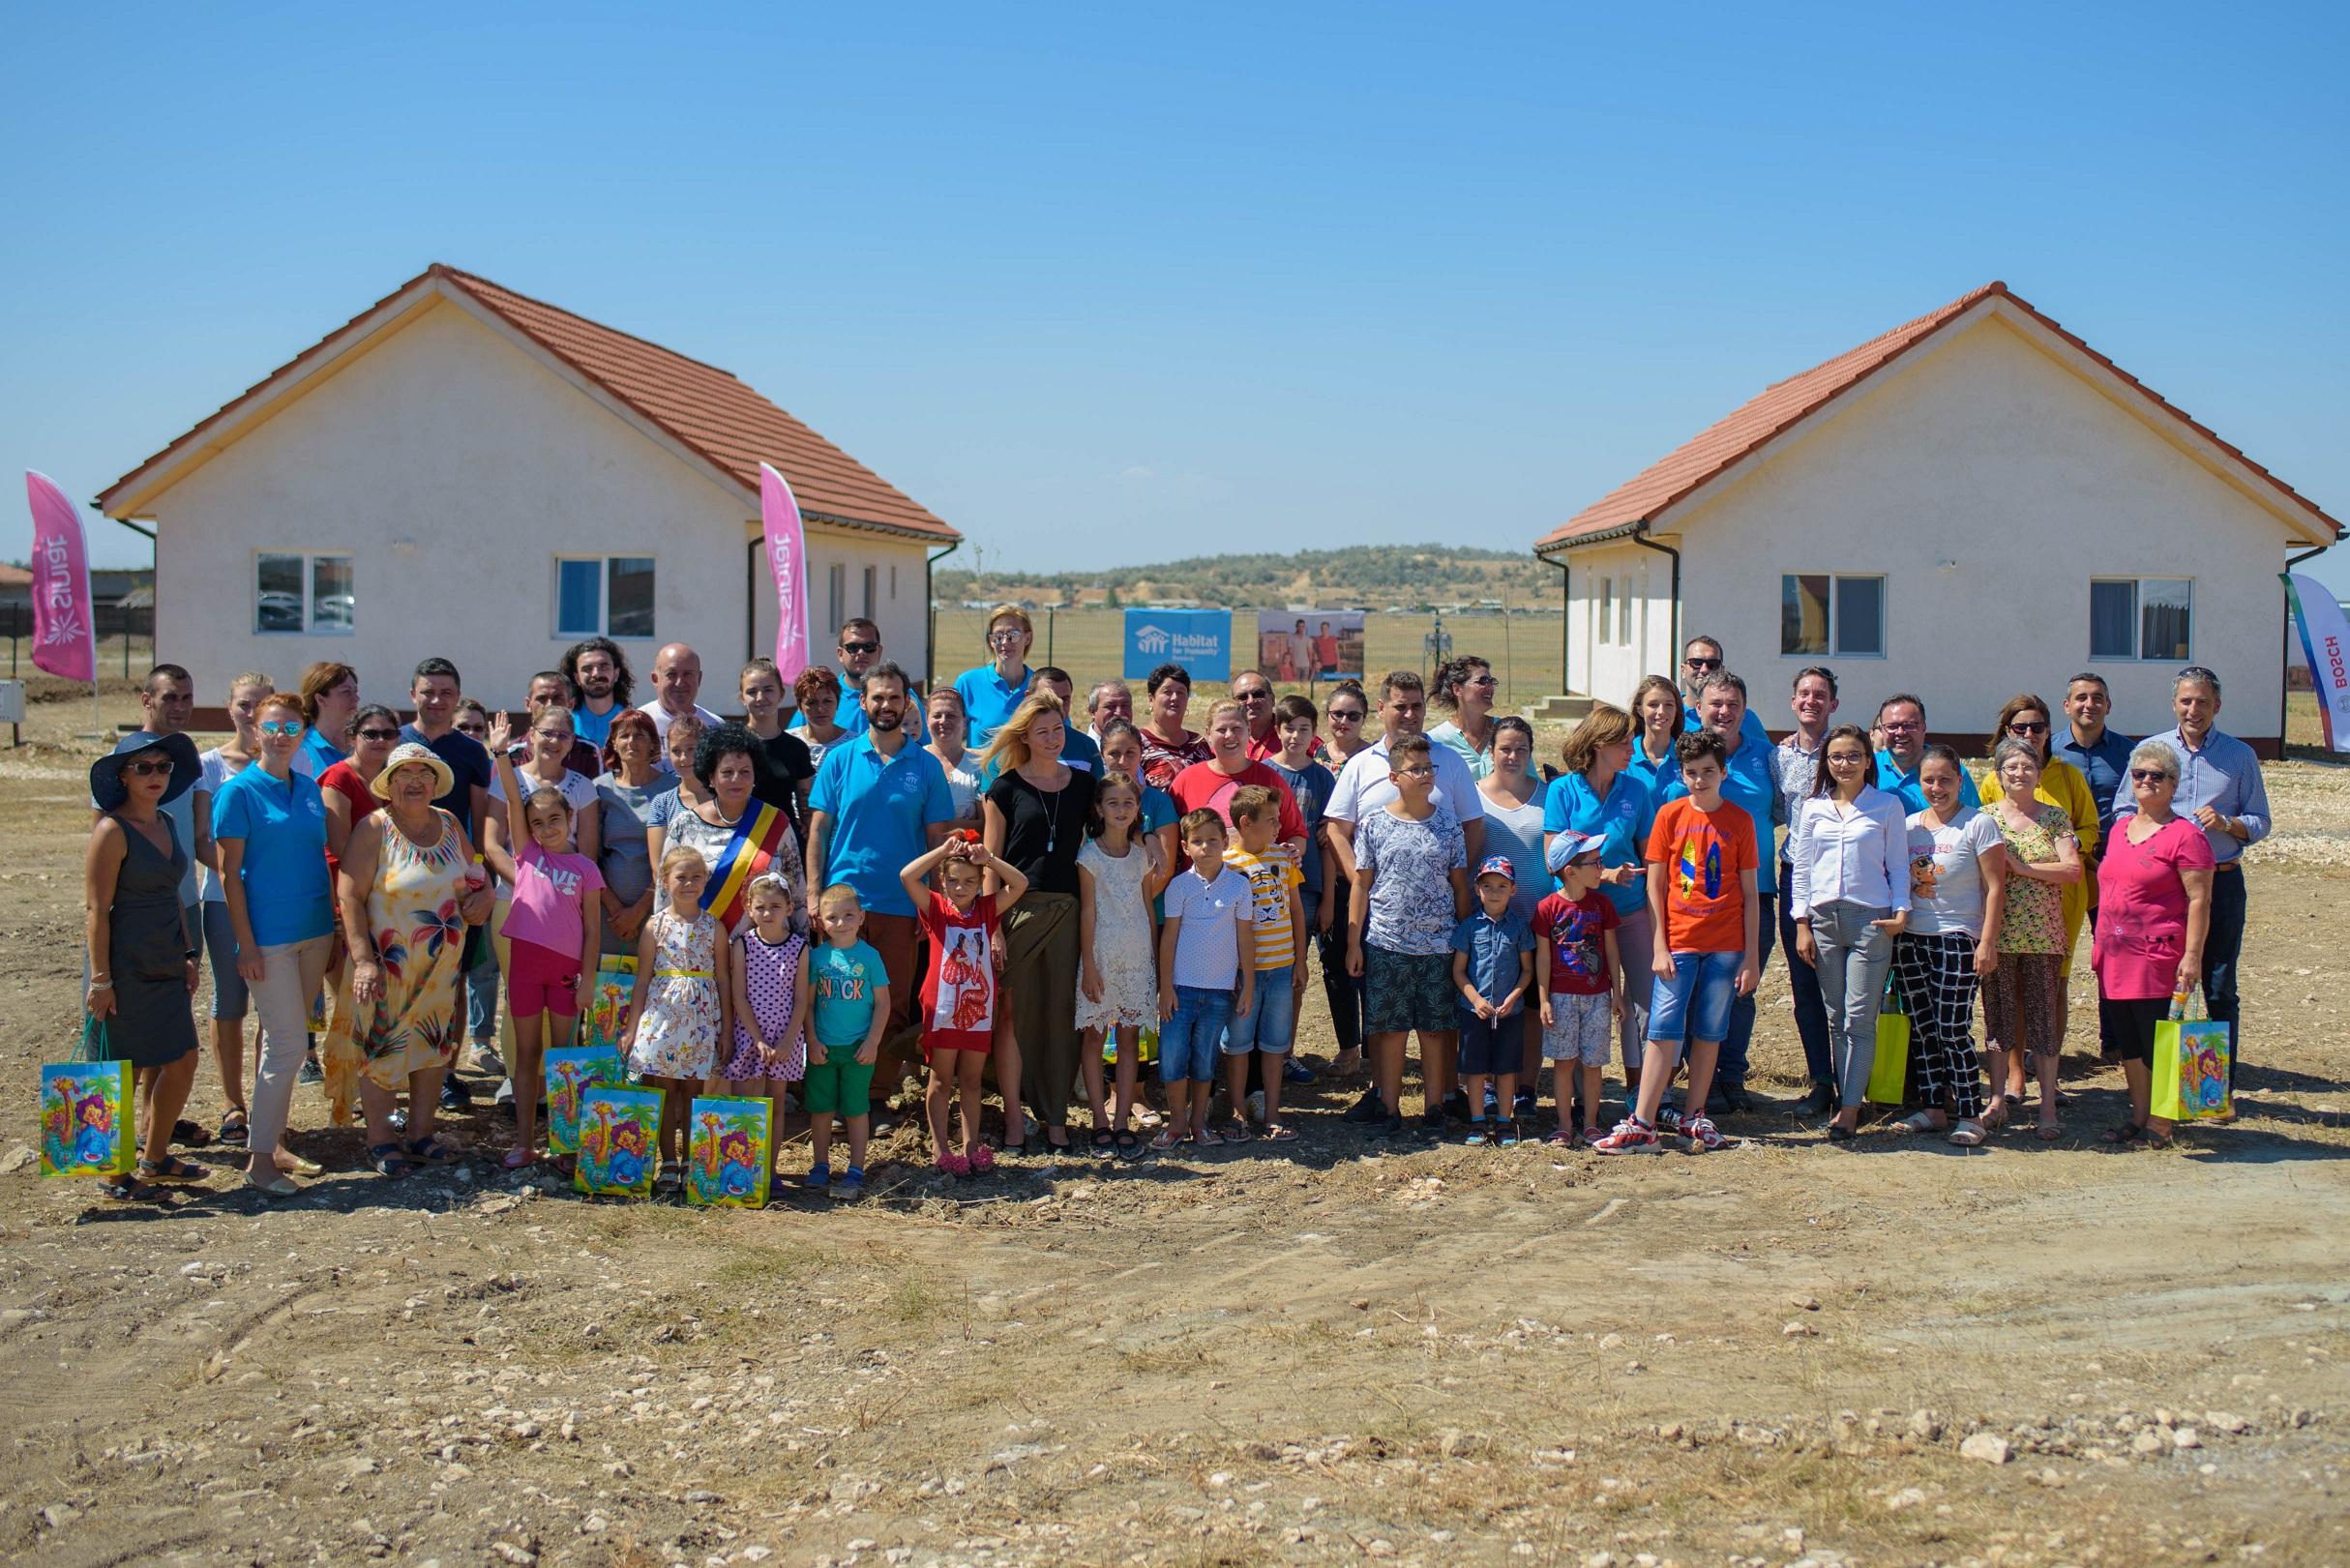 Habitat for Humanity România a inaugurat cele 16 locuințe finalizate în sezonul 2018 – 2019, în localitatea Cumpăna